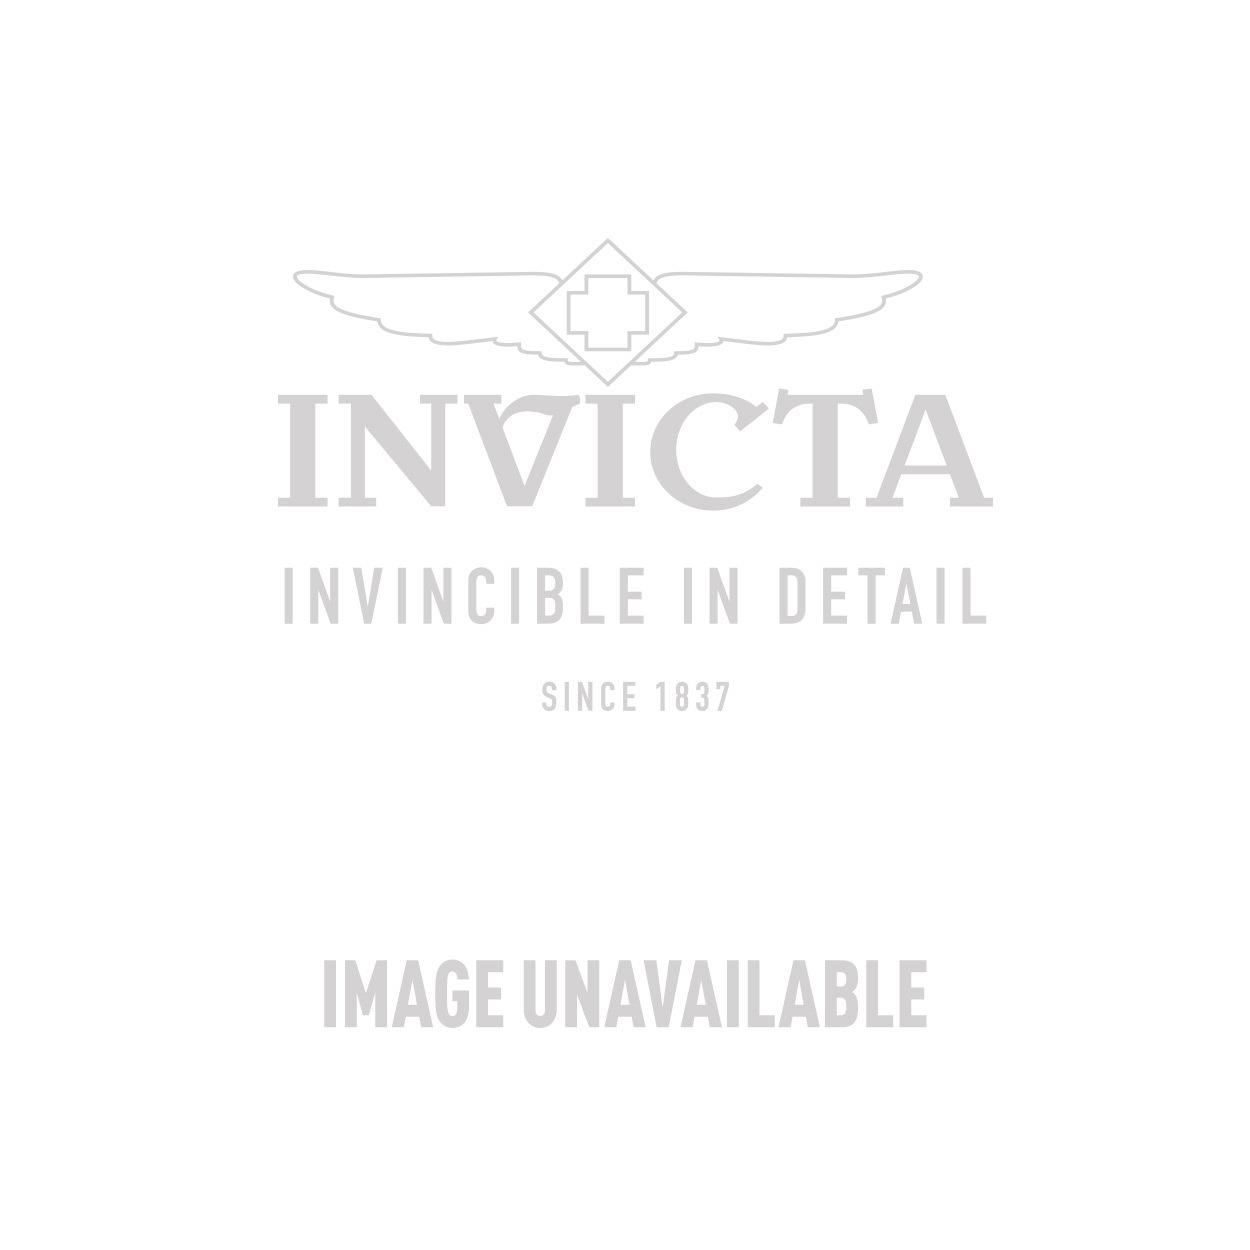 Invicta Model 25592